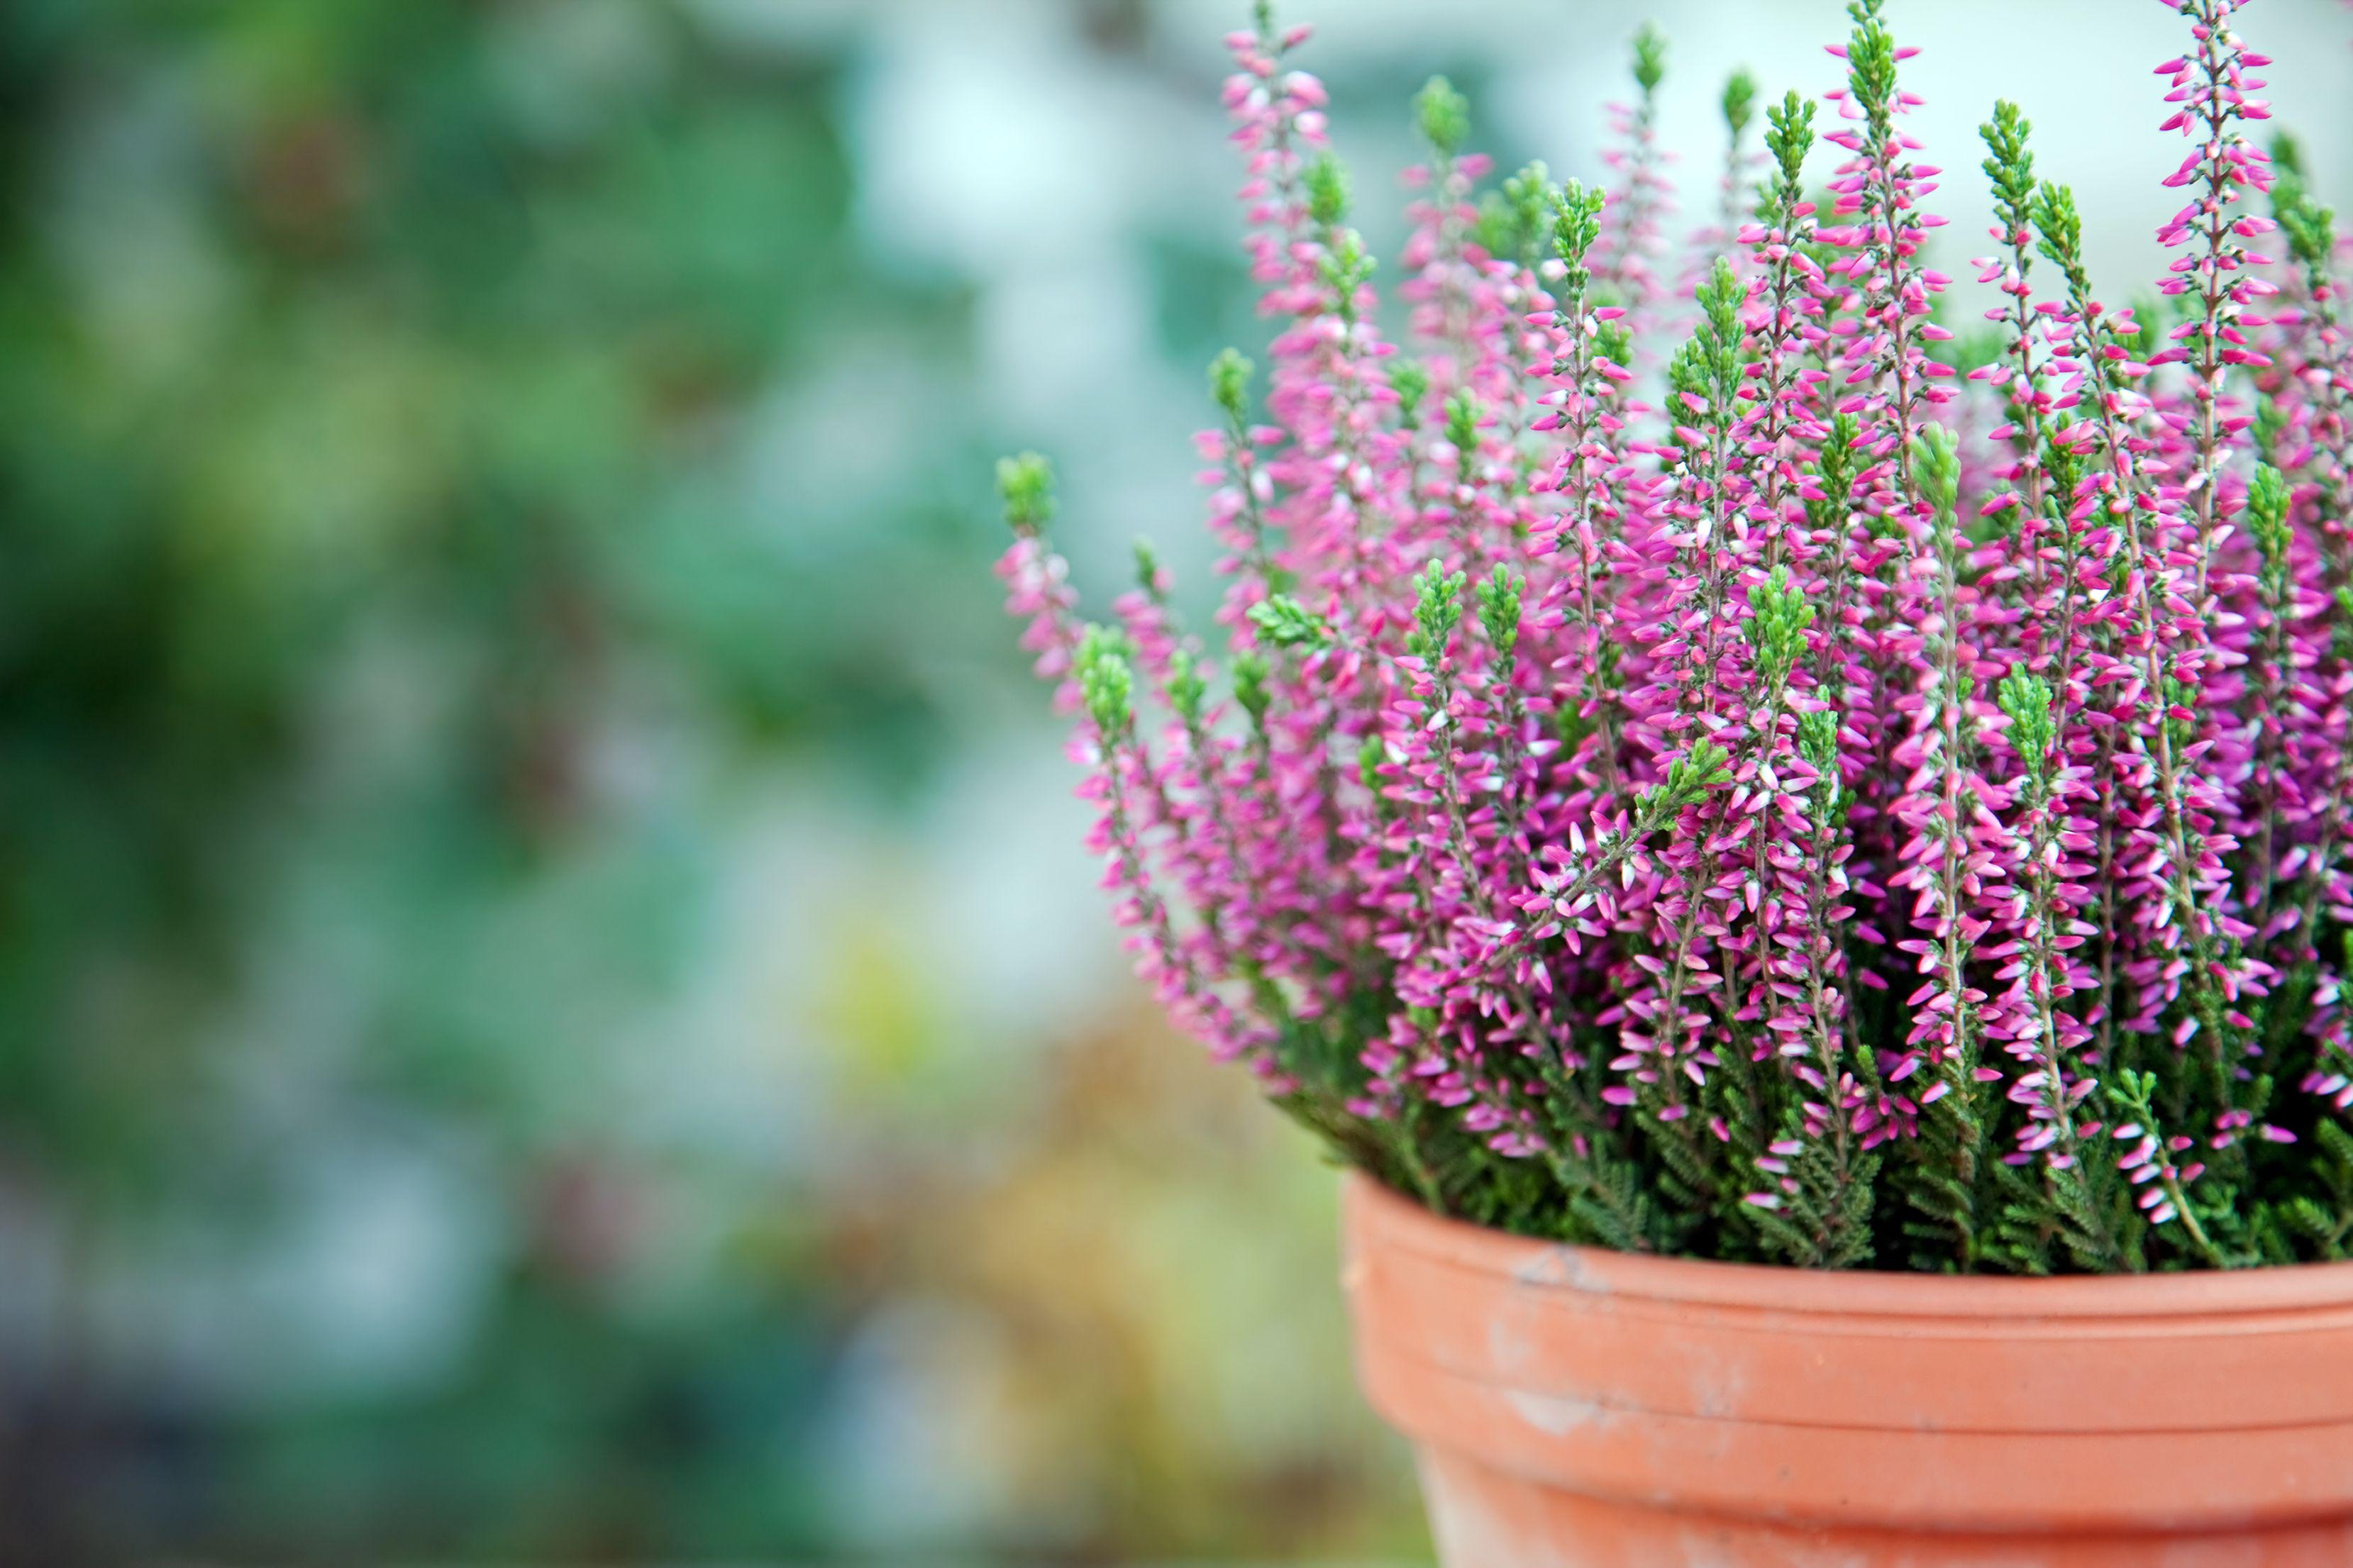 Herbstpflanzen Fur Terrasse Und Balkon Pflanzen Bepflanzung Heide Pflanzen